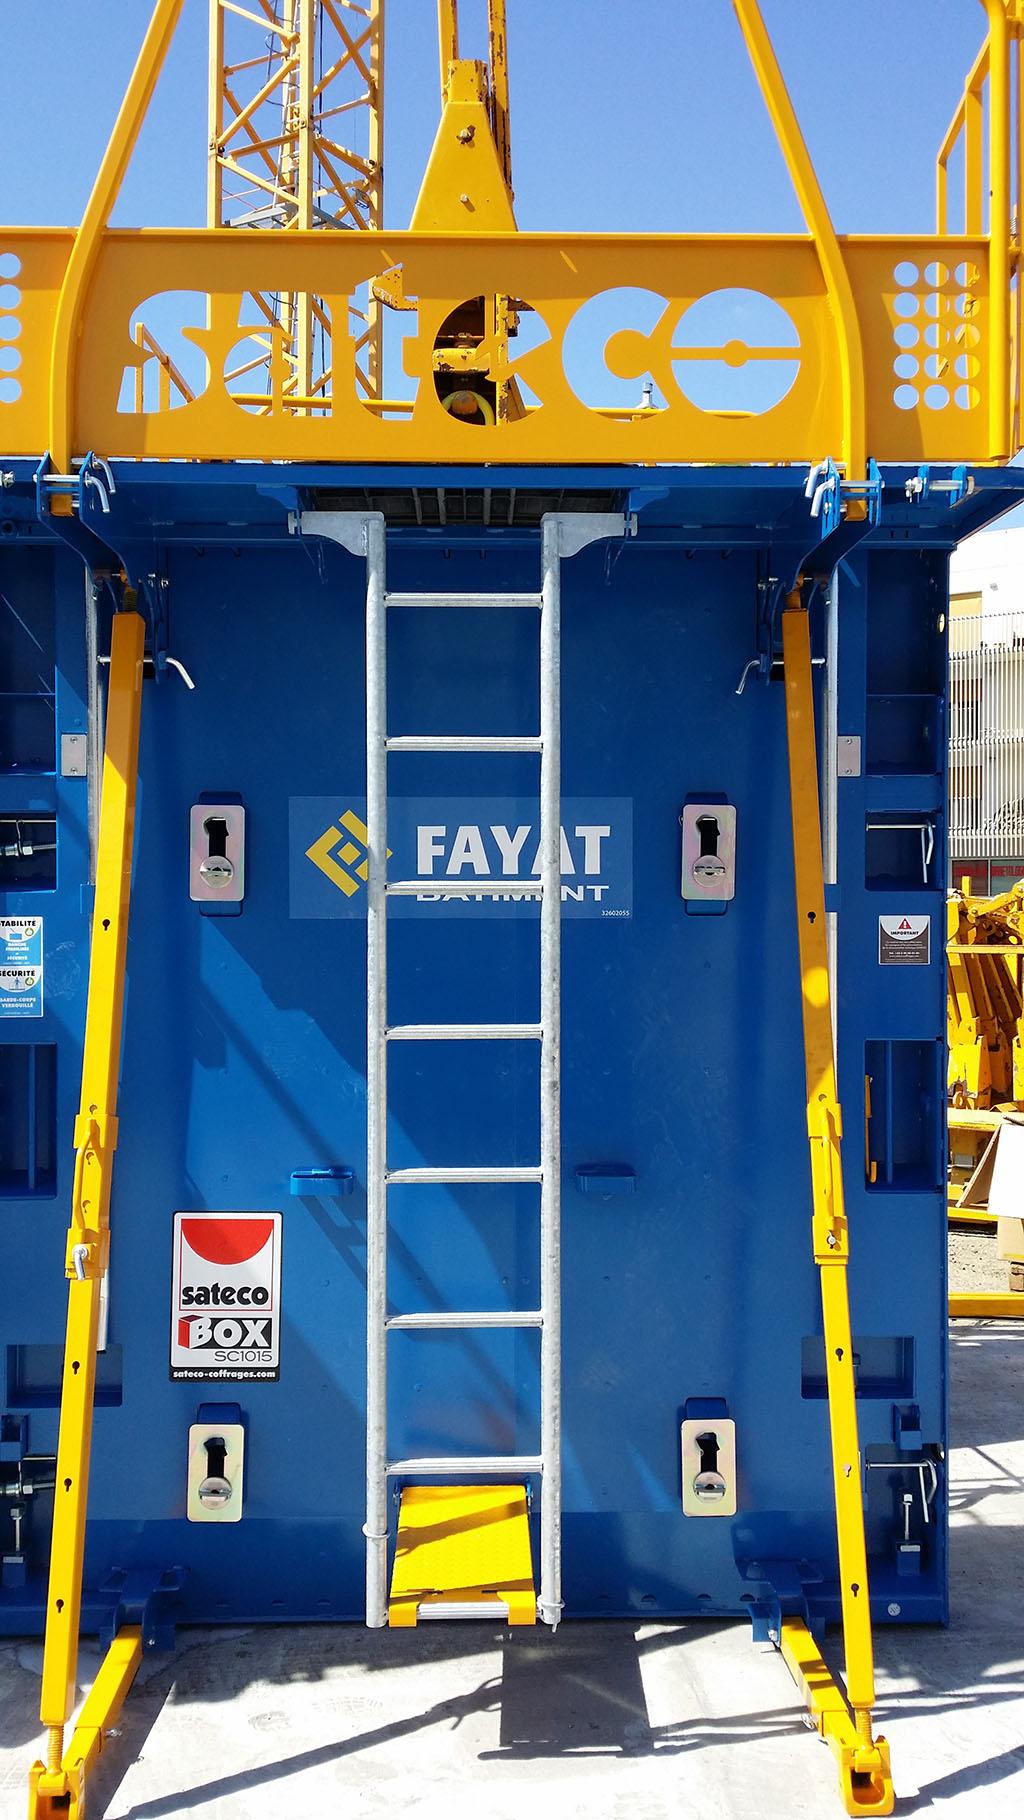 Banche SC 1015 BOX - CHANTIER SEG FAYAT BORDEAUX